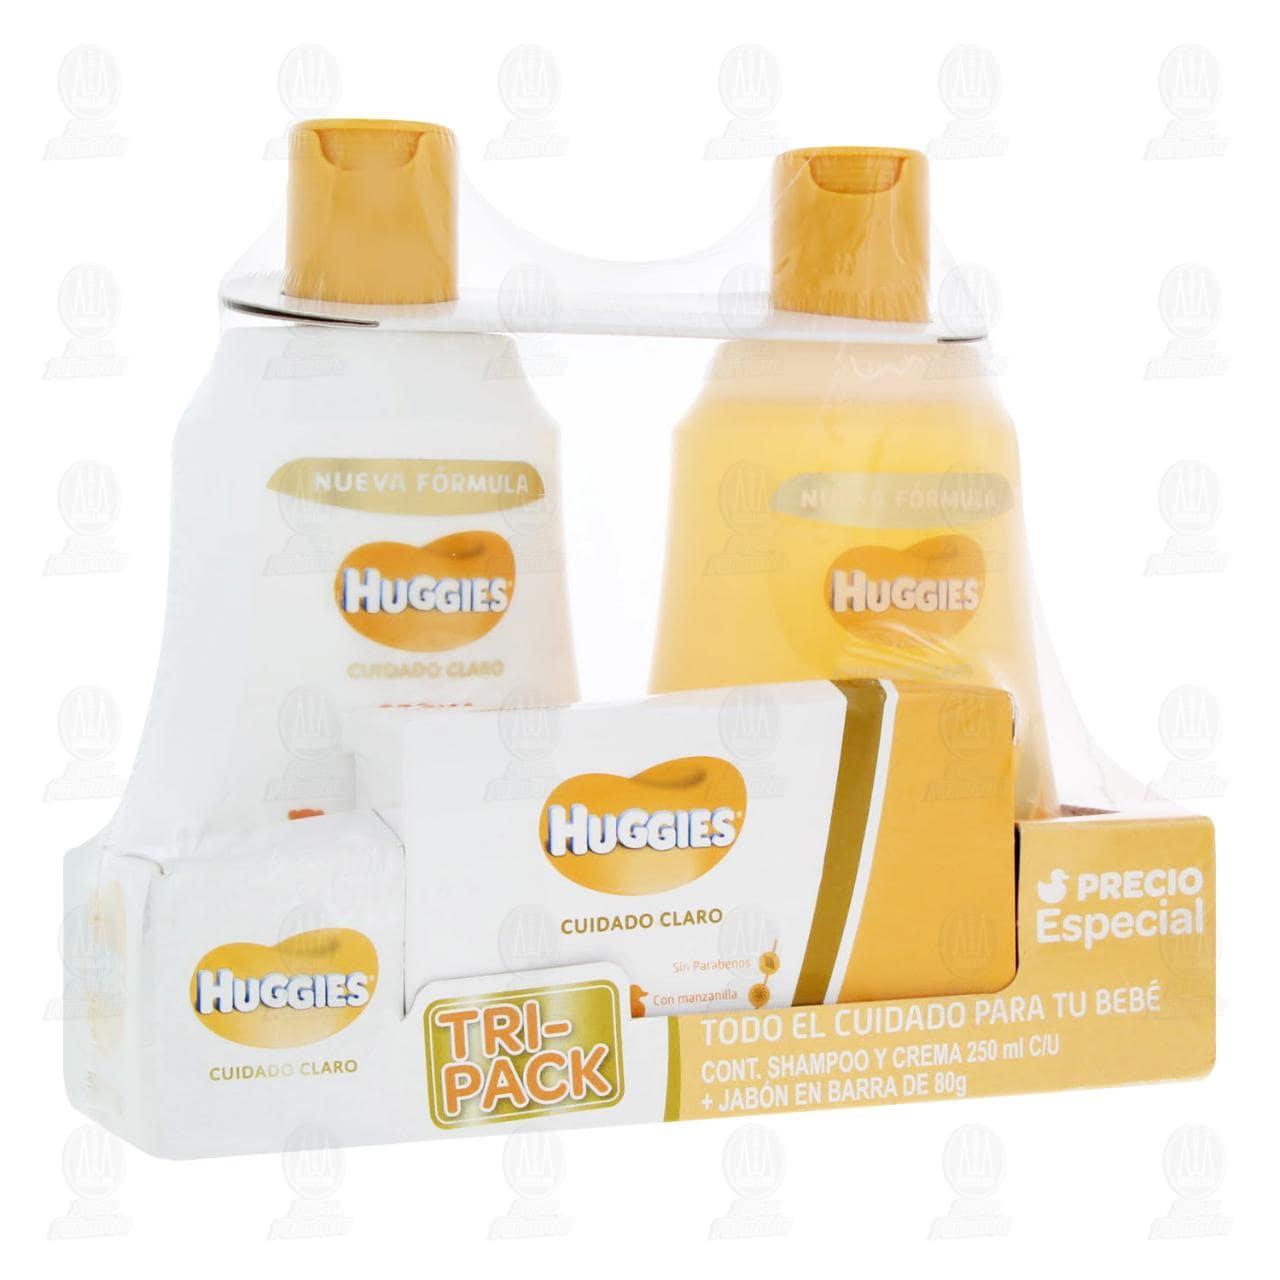 Comprar Estuche Huggies Cuidado Claro para Bebé con Crema 250 ml + Shampoo 250 ml + Jabón 80 gr, 3 pzas. en Farmacias Guadalajara